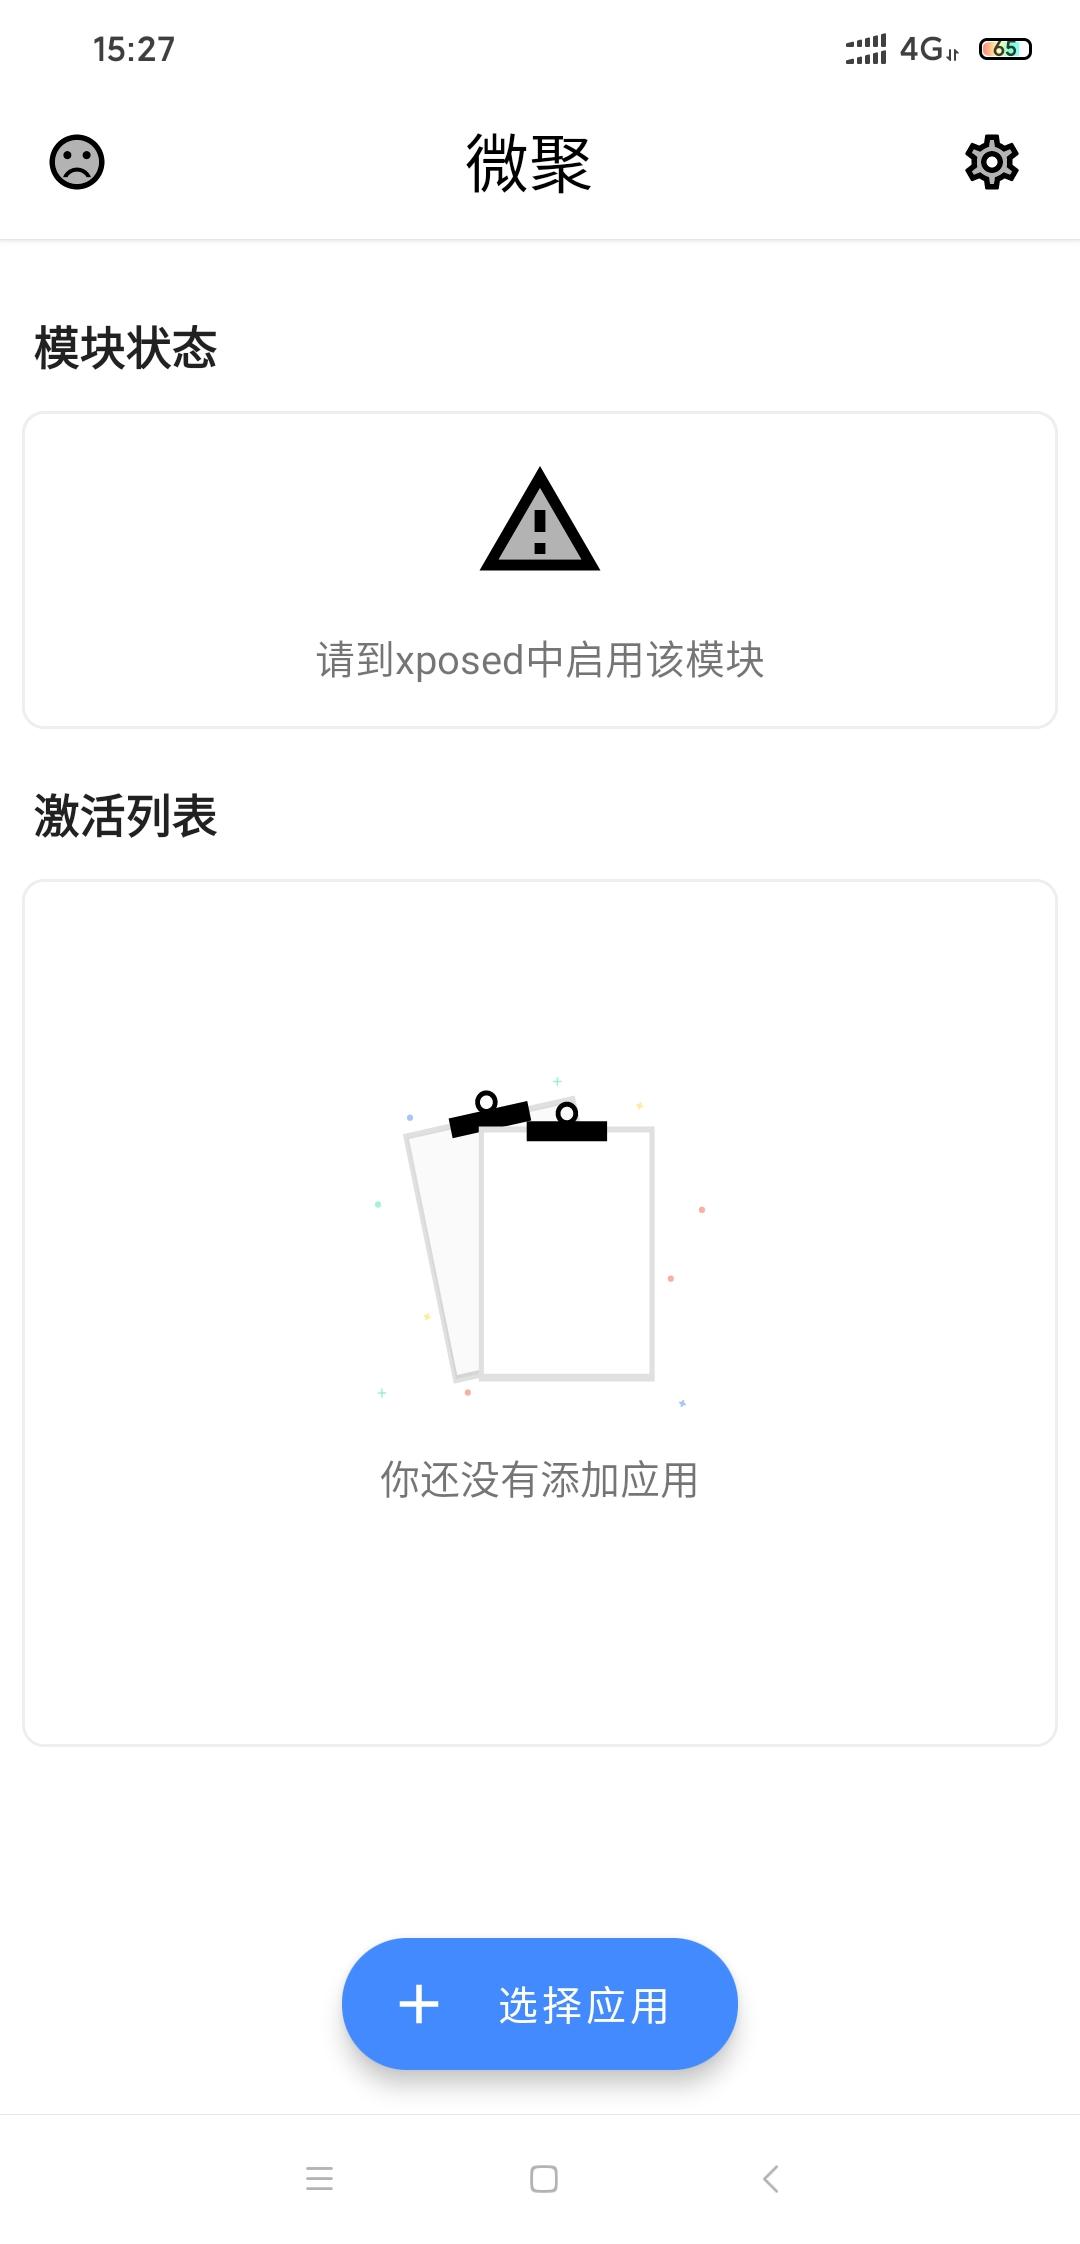 【合集】黑科技集合帖-爱小助